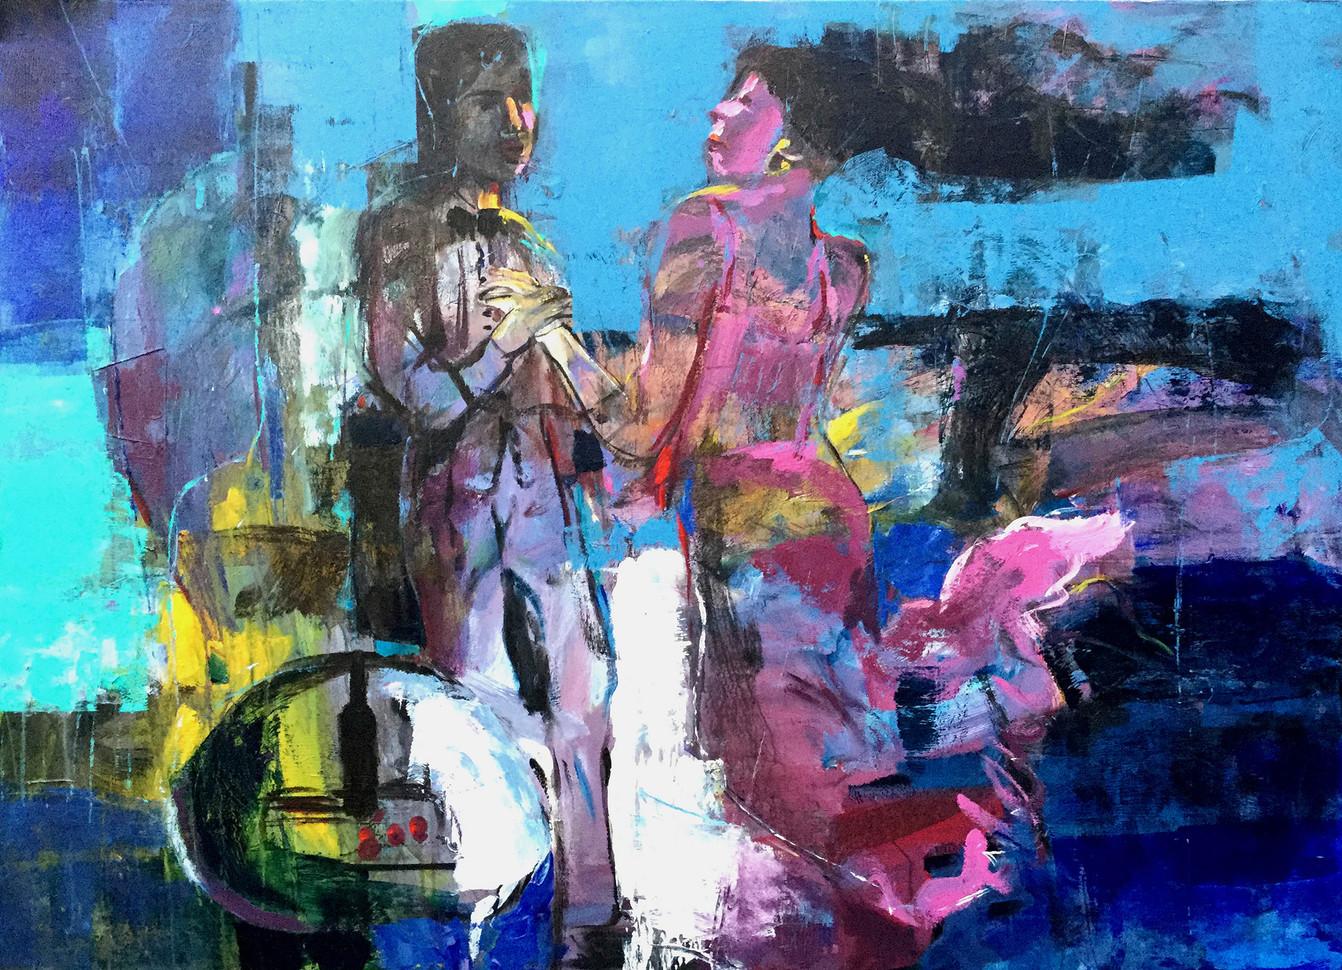 140x100 cm 2017 Acrylic on canvas